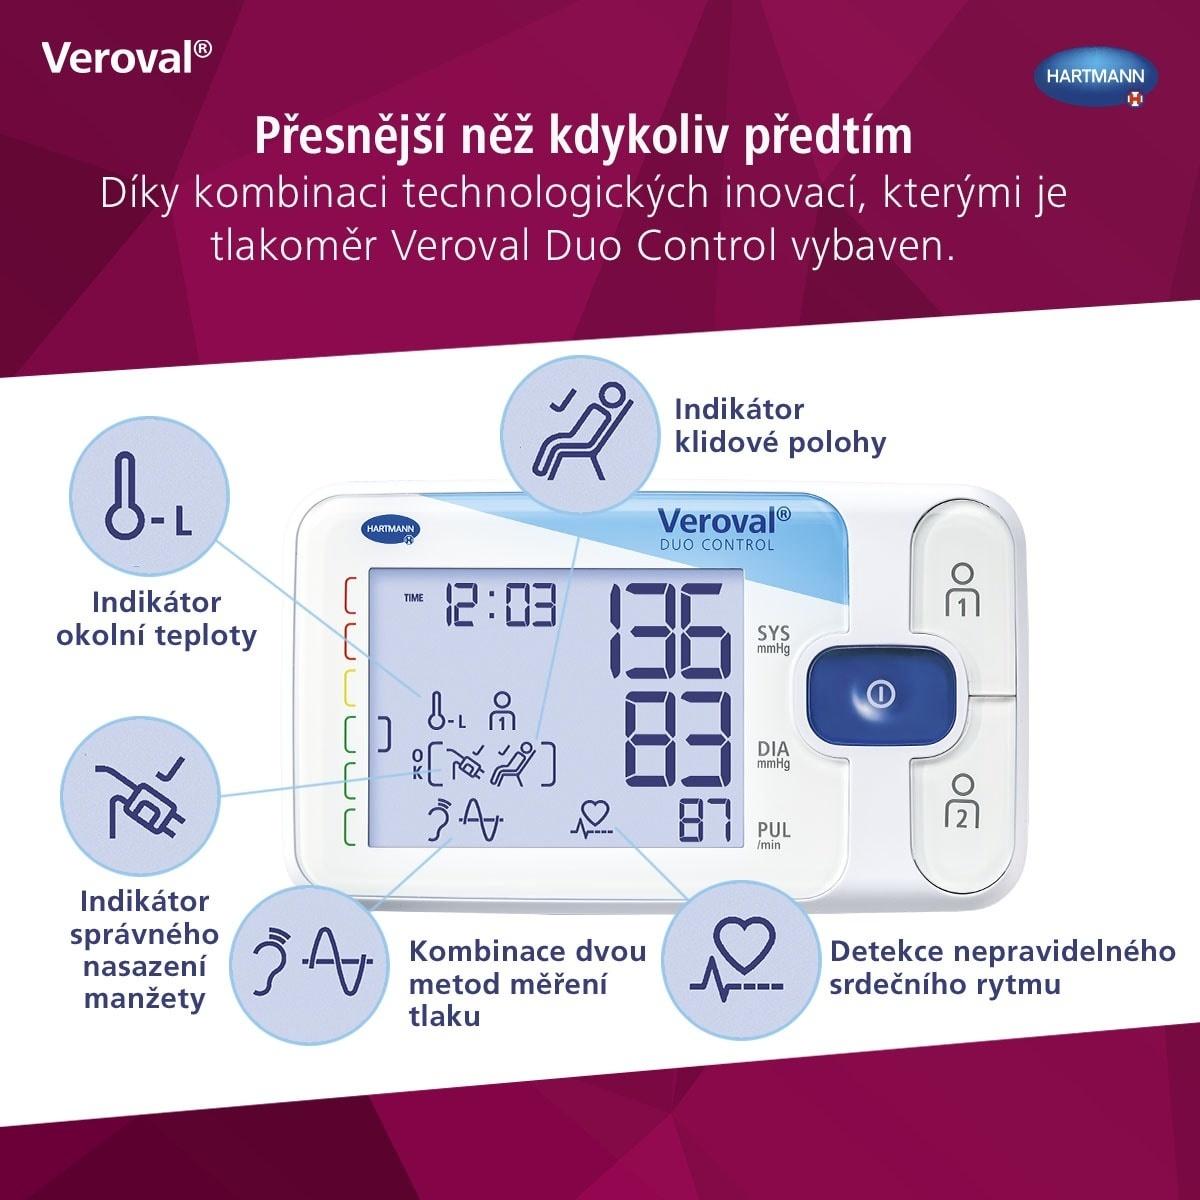 Bohaté funkce měřiče krevního tlaku Veroval duo control